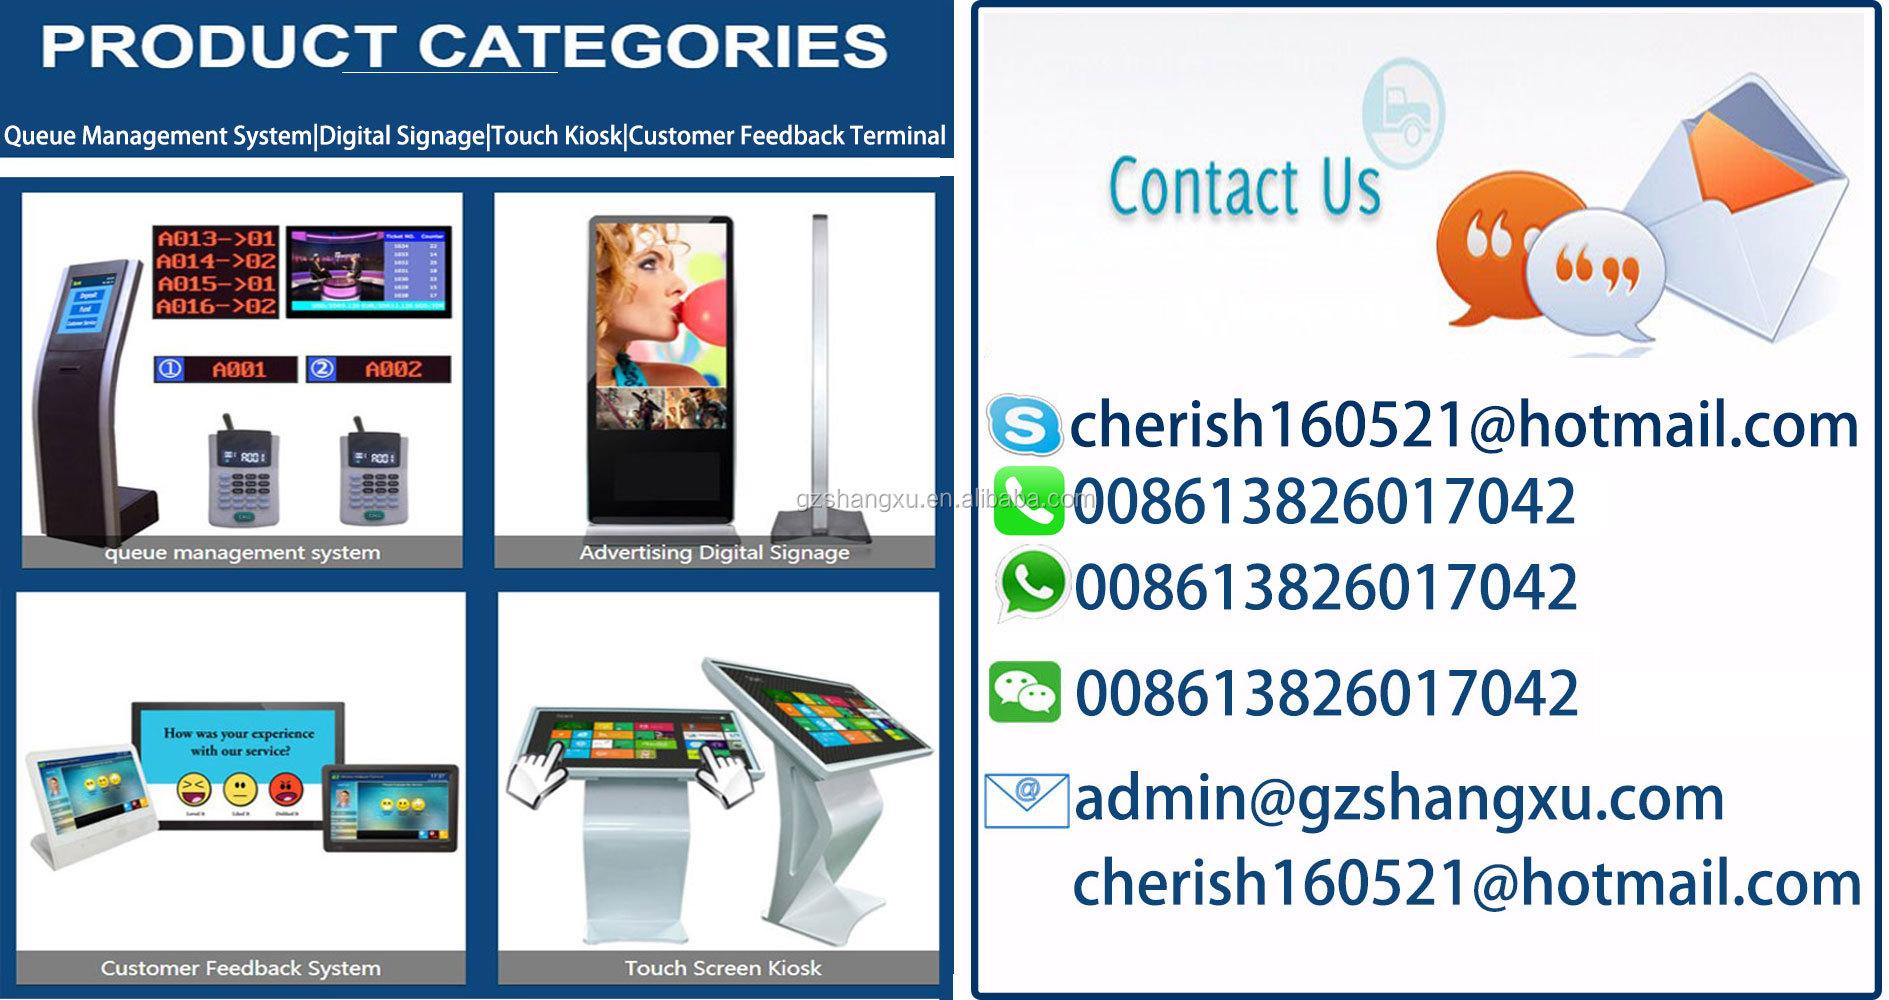 गुणवत्ता बैंक/अस्पताल ग्राहक सेवा केंद्र कतार प्रबंधन टोकन संख्या प्रदर्शन प्रणाली/रकम जुटा टिकट कियोस्क प्रणाली